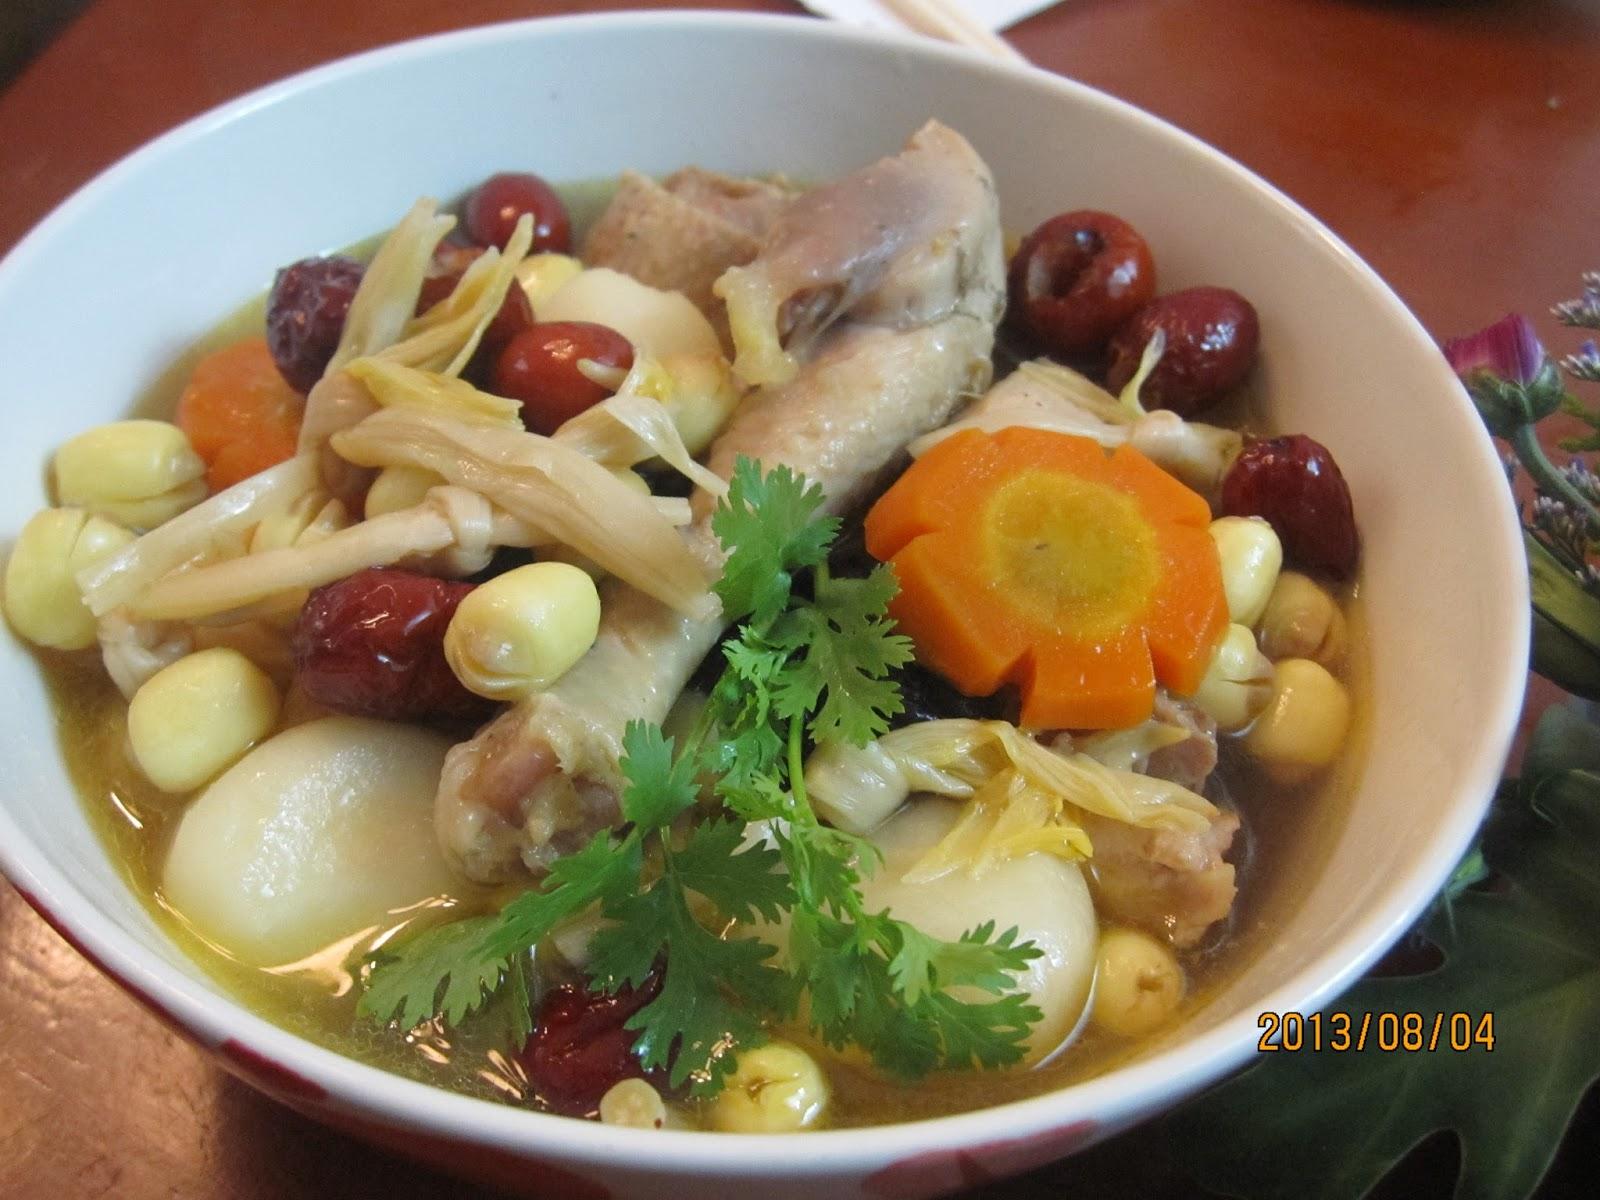 IMG 6170 - Tổng hợp những món ngon từ thịt gà